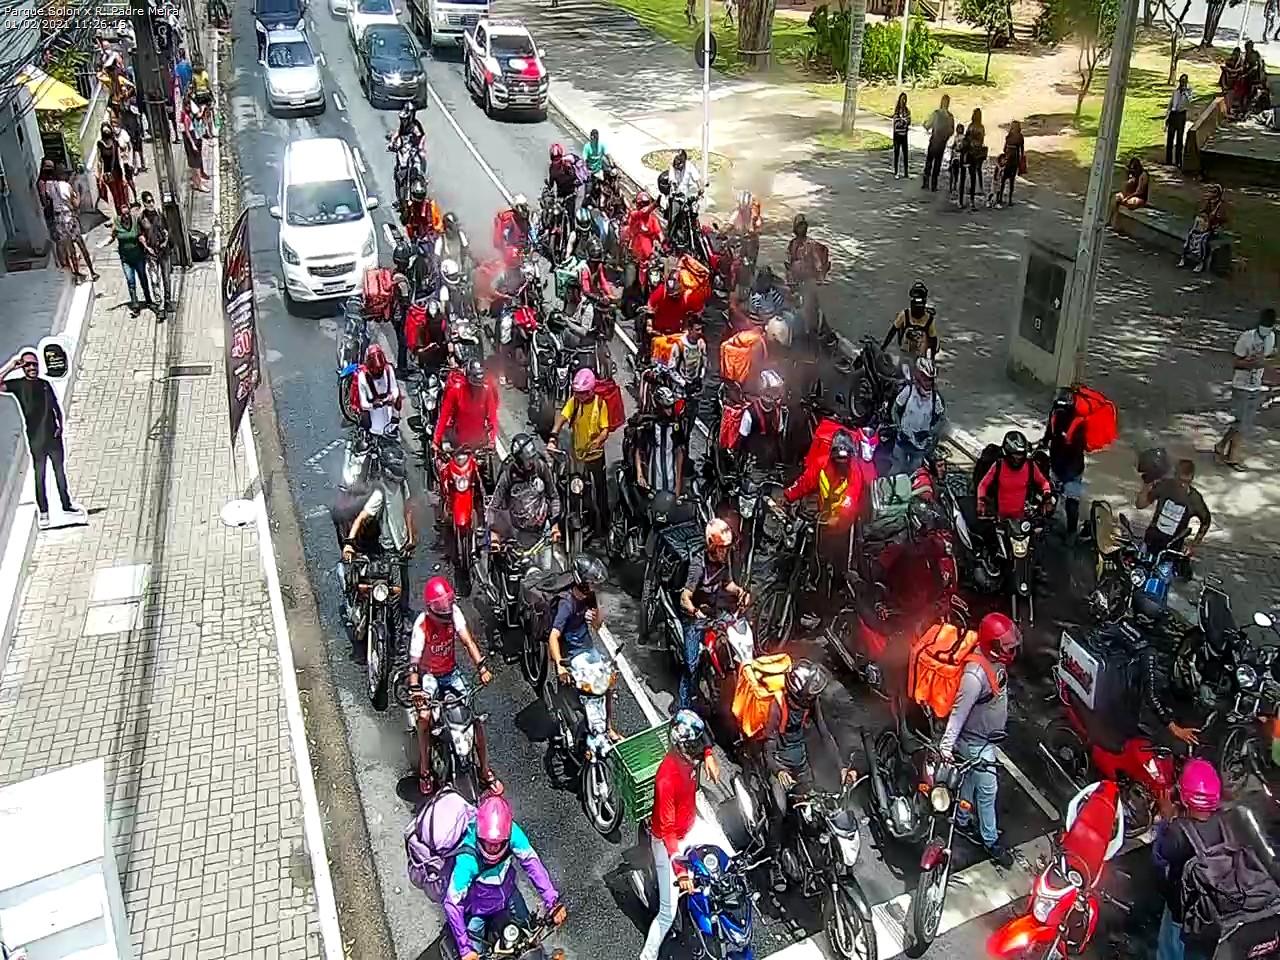 WhatsApp Image 2021 02 01 at 11.30.29 - Motoboys realizam protesto no Centro de João Pessoa; motoristas por aplicativo também param as atividades - VEJA IMAGENS